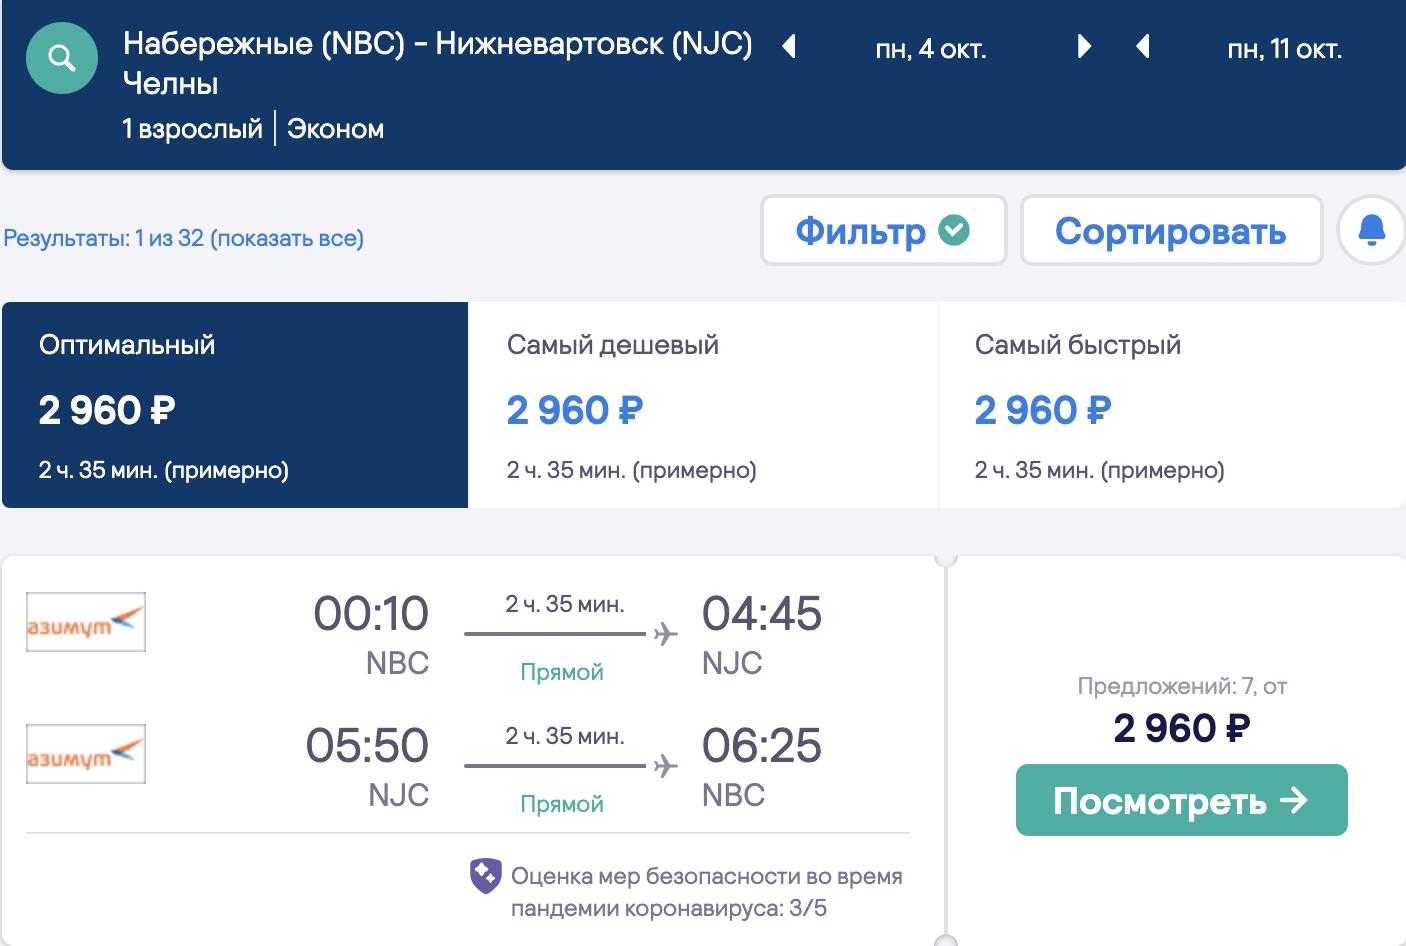 Осенью! Прямые рейсы из Наб. Челнов в Ростов и Нижневартовск от 2200₽ туда-обратно